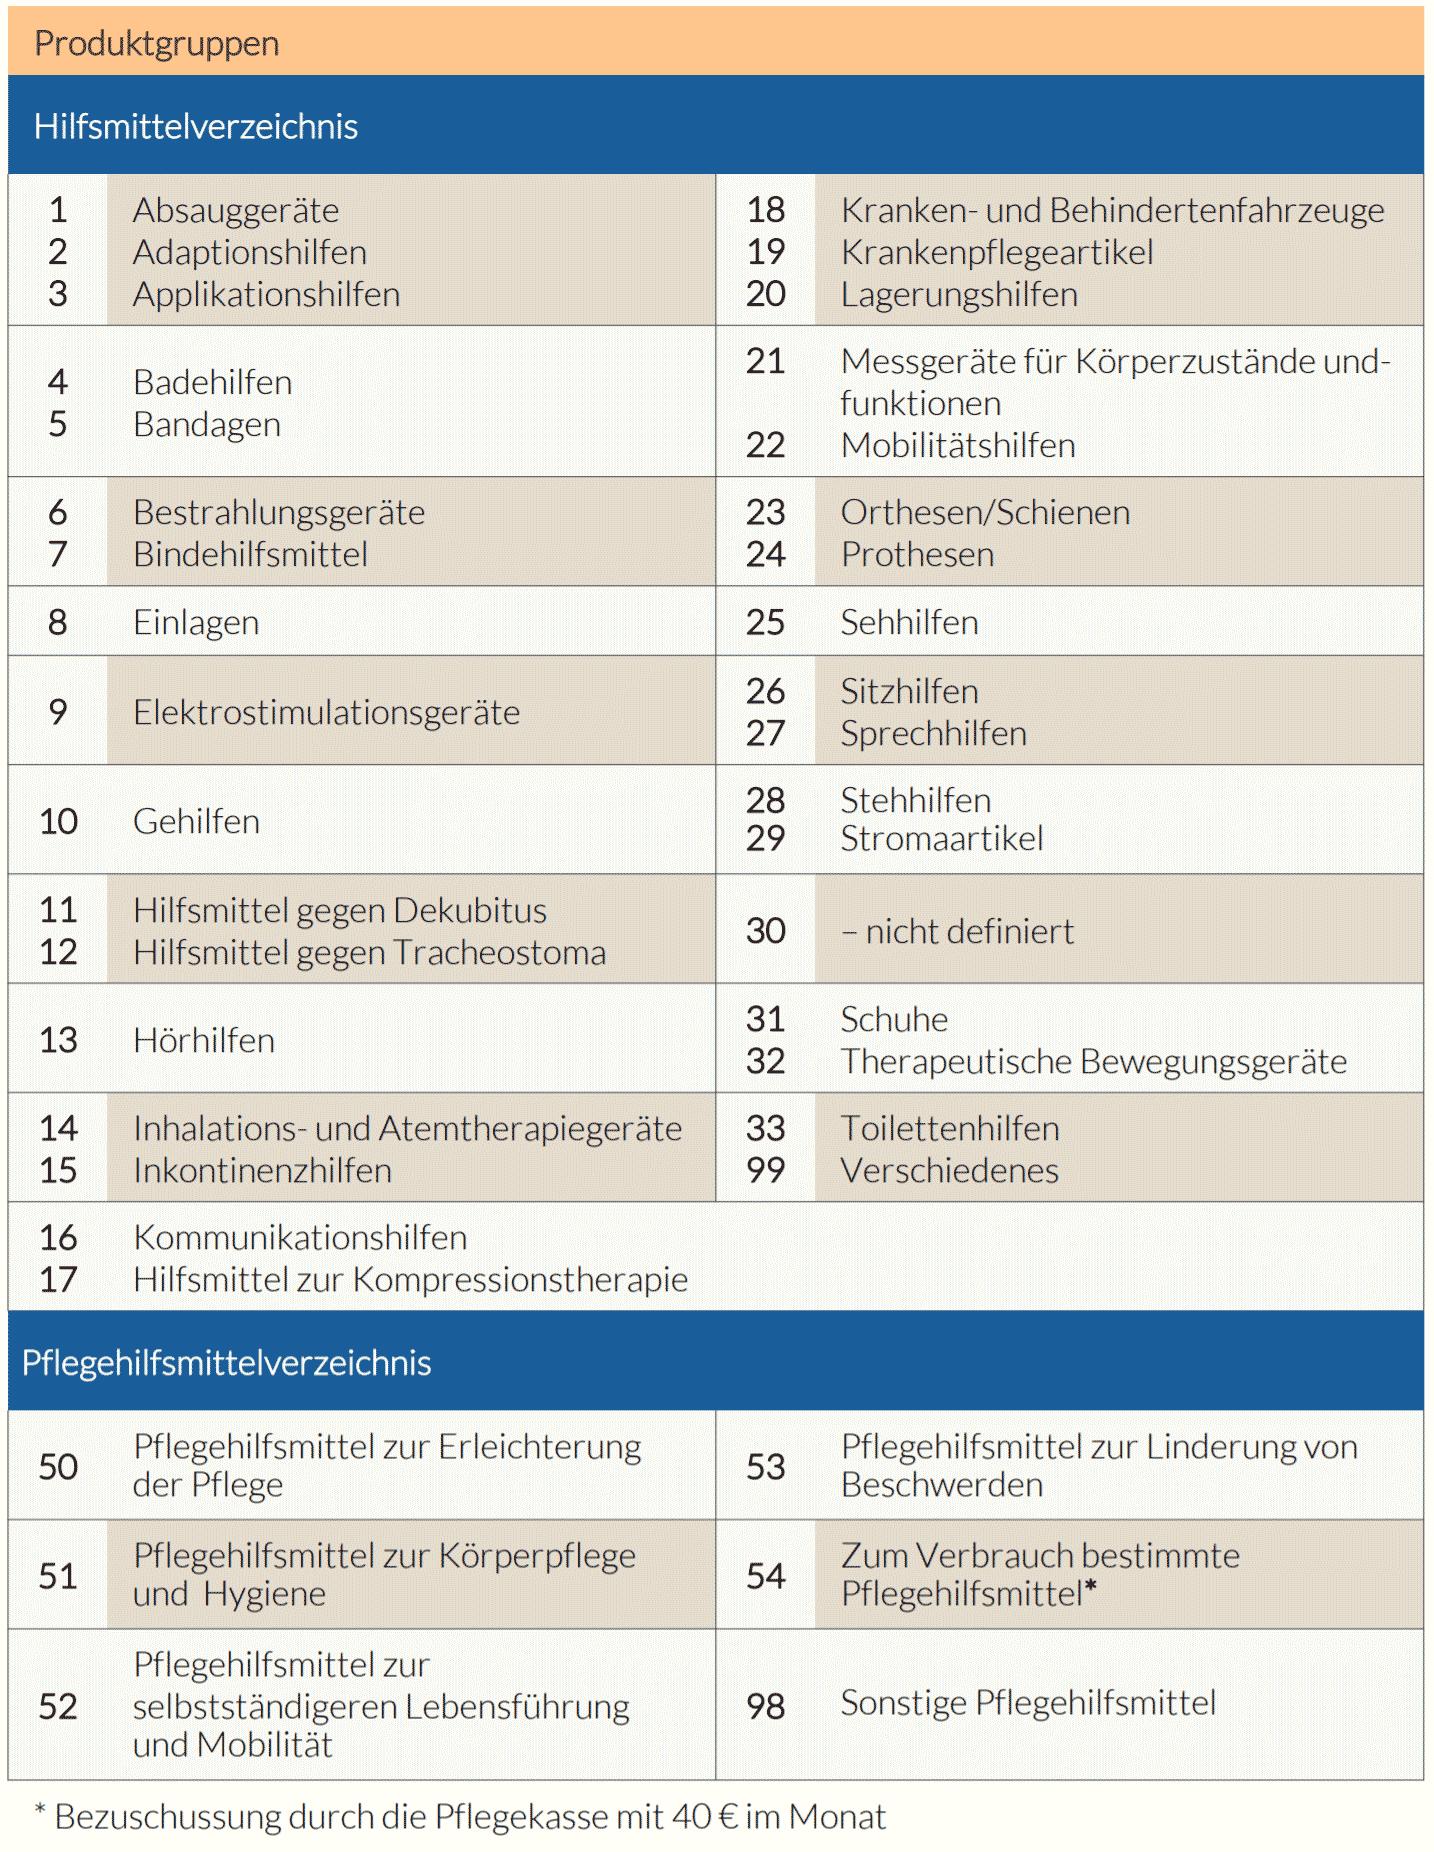 Pflegehilfsmittelverzeichnis